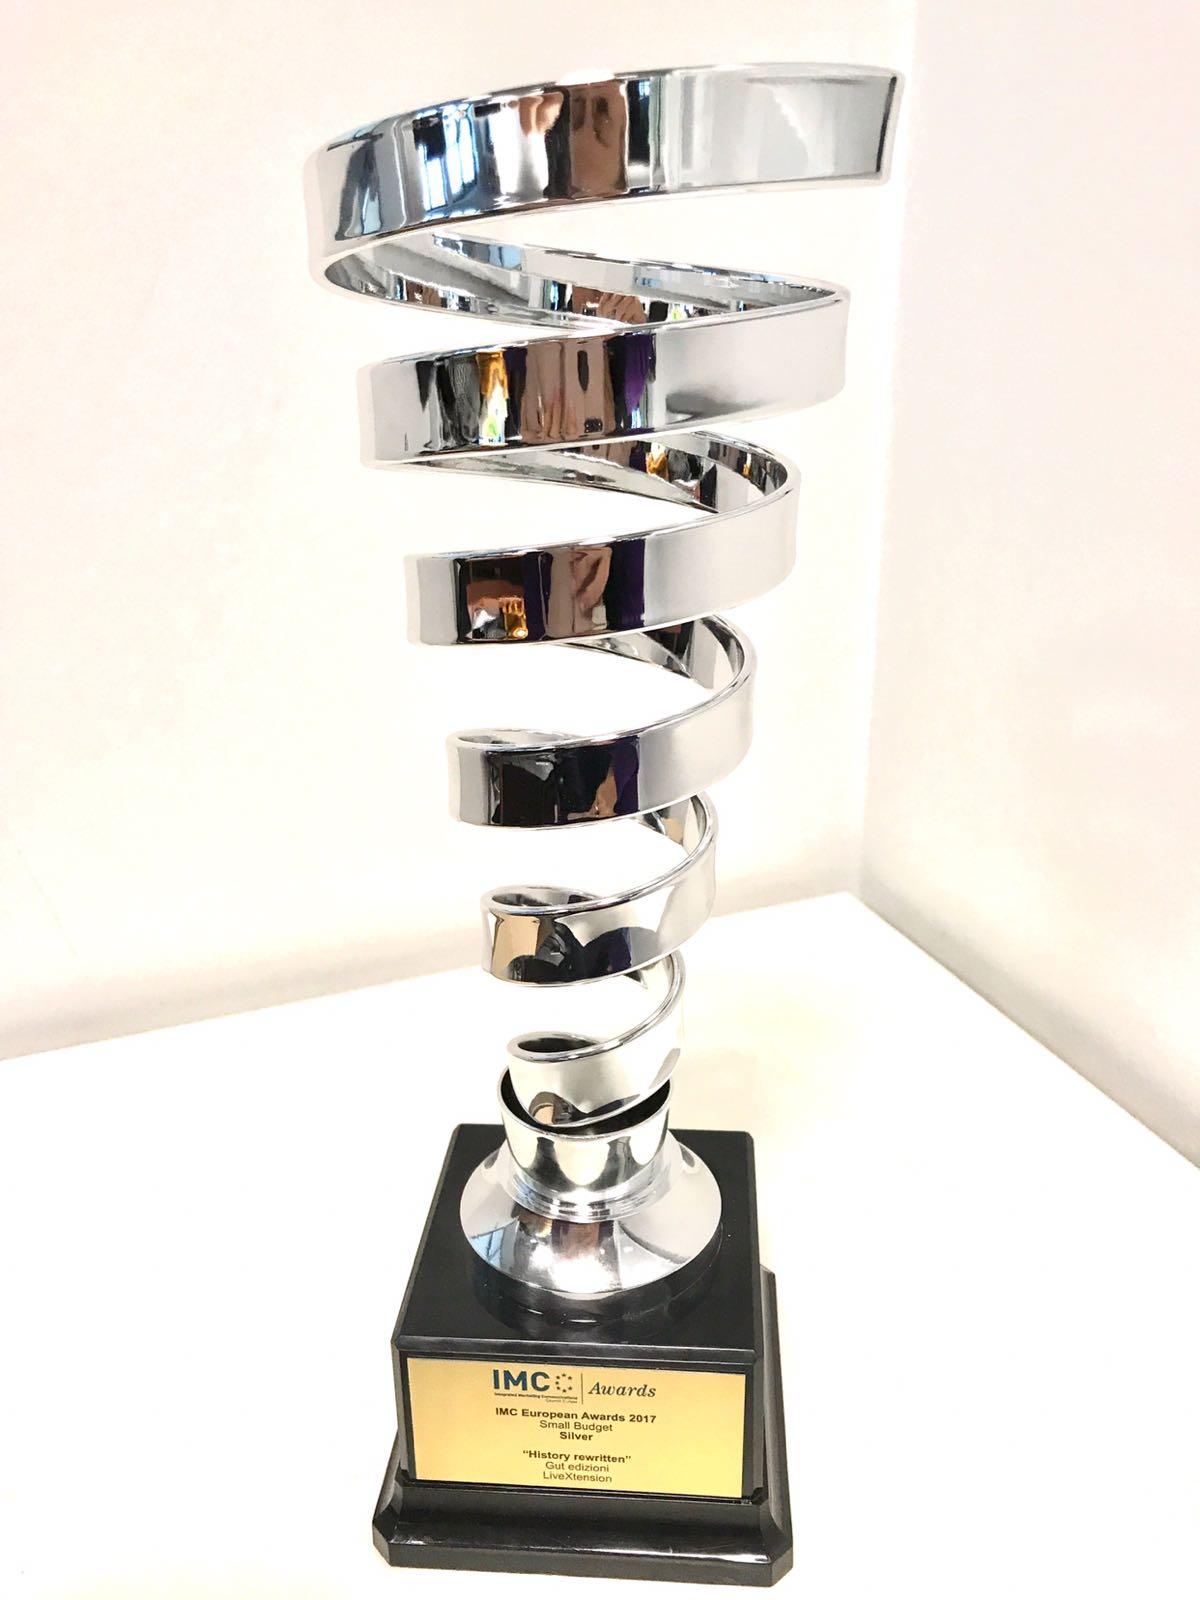 IMC Awards 2017 - Silver - Gut Edizioni Smemoranda LiveXtension